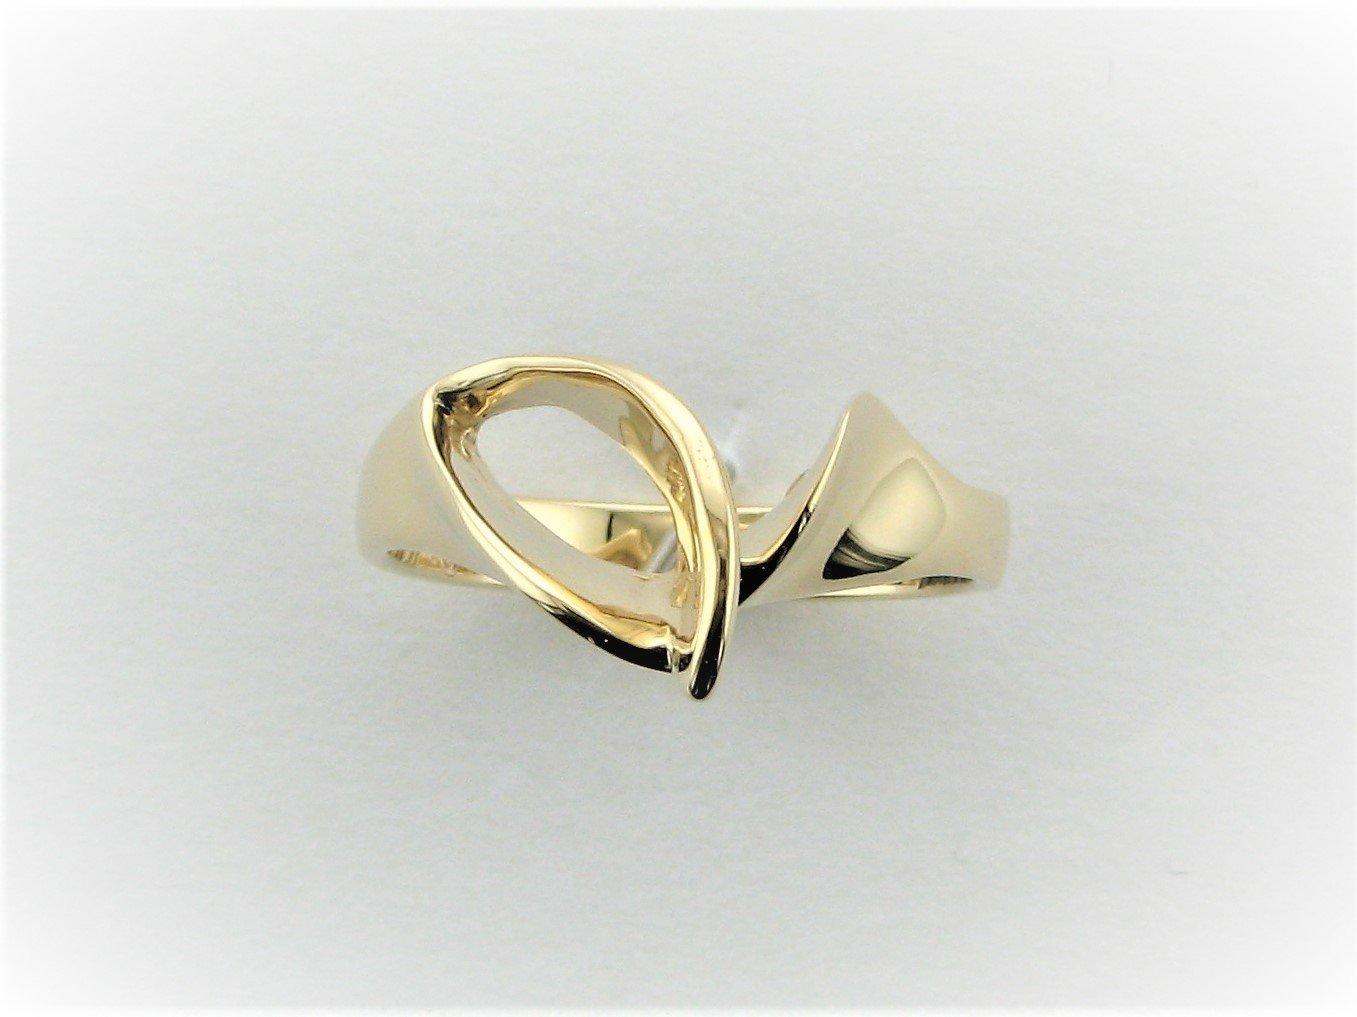 Freeform Designer Ring Set in 14 Karat Yellow Gold